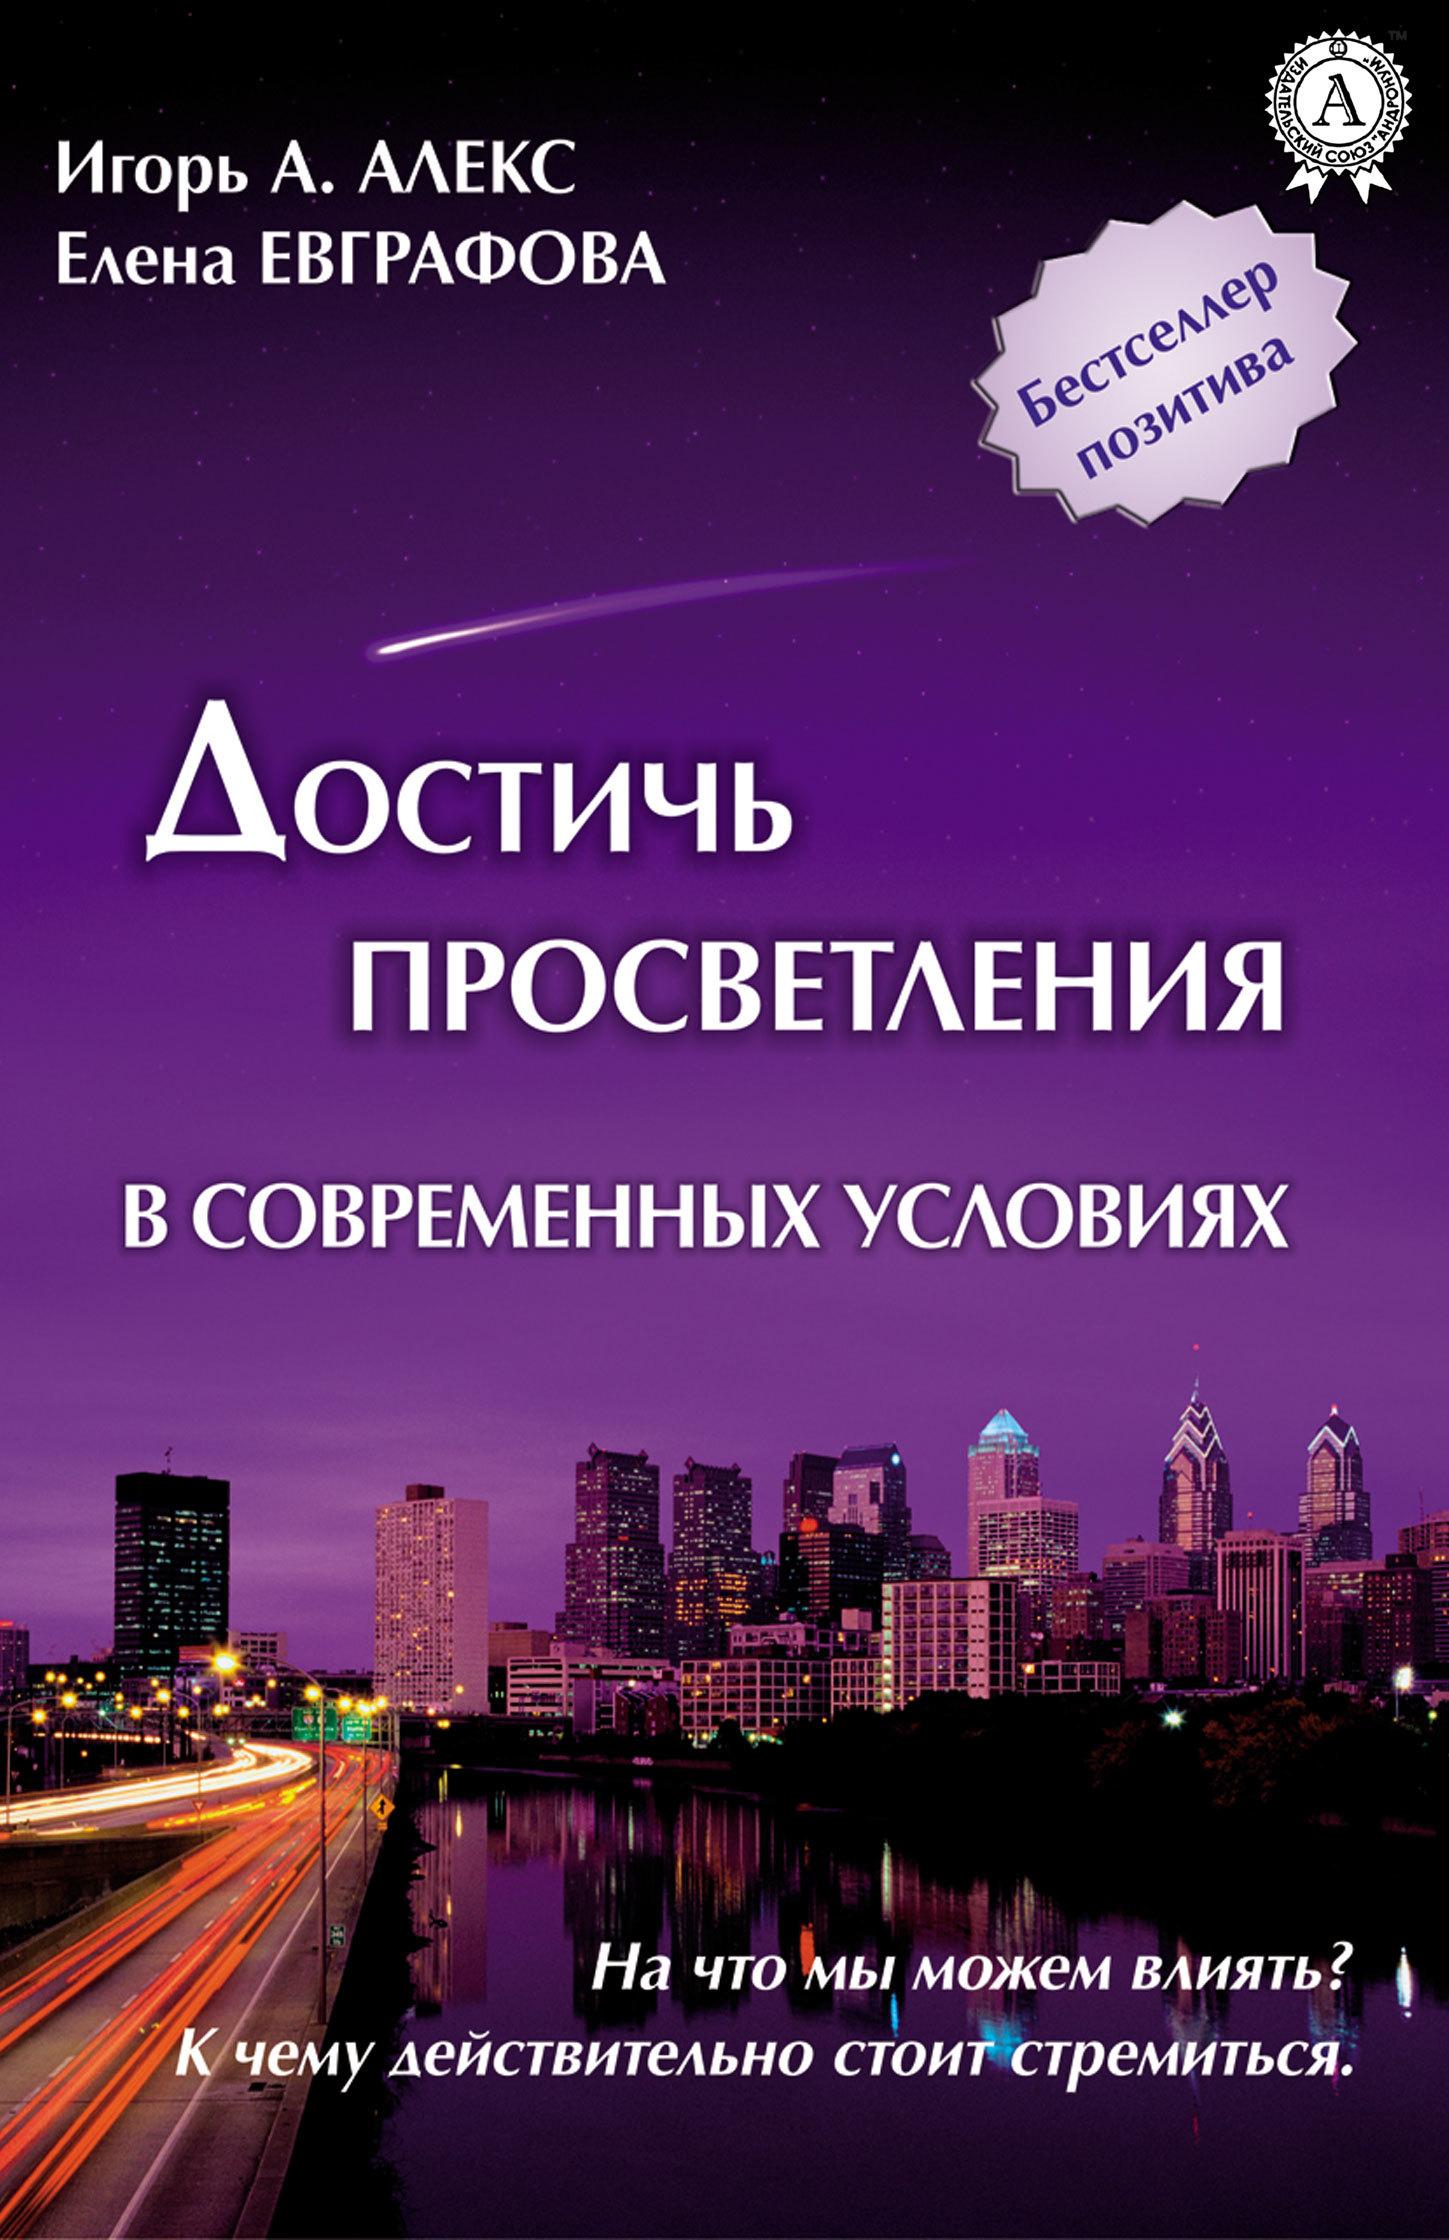 Елена Евграфова, Алекс Игорь А. - Достичь просветления в современных условиях